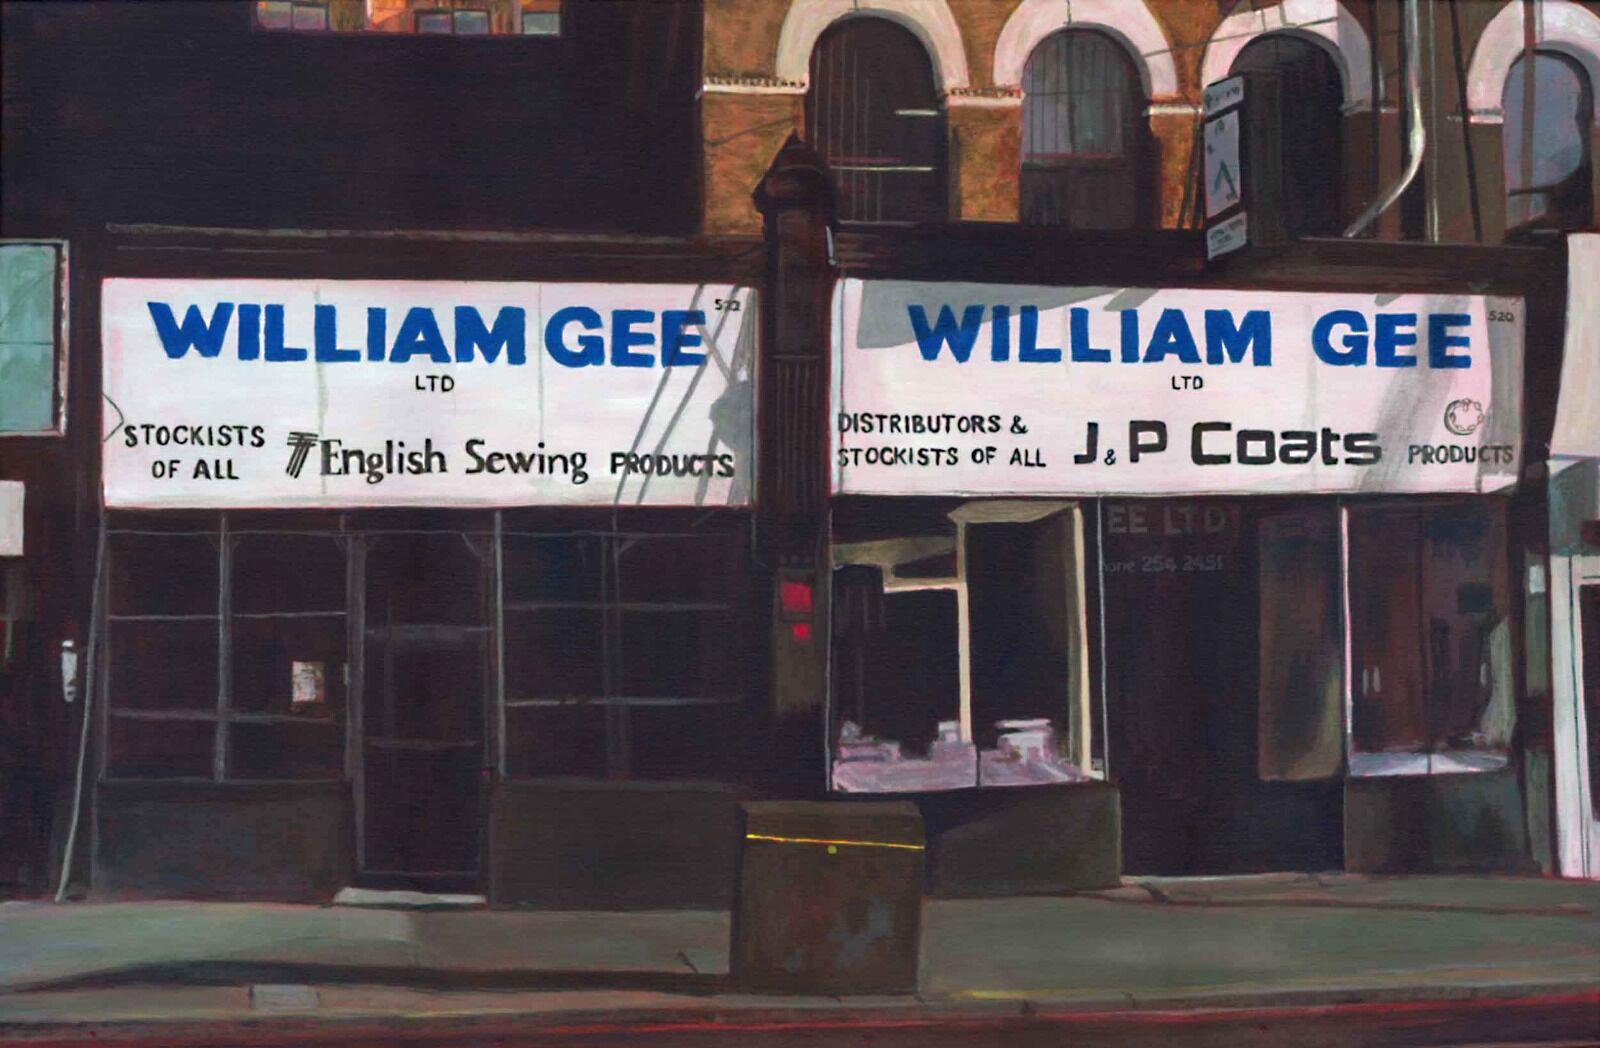 William-Gee-Ltd-web